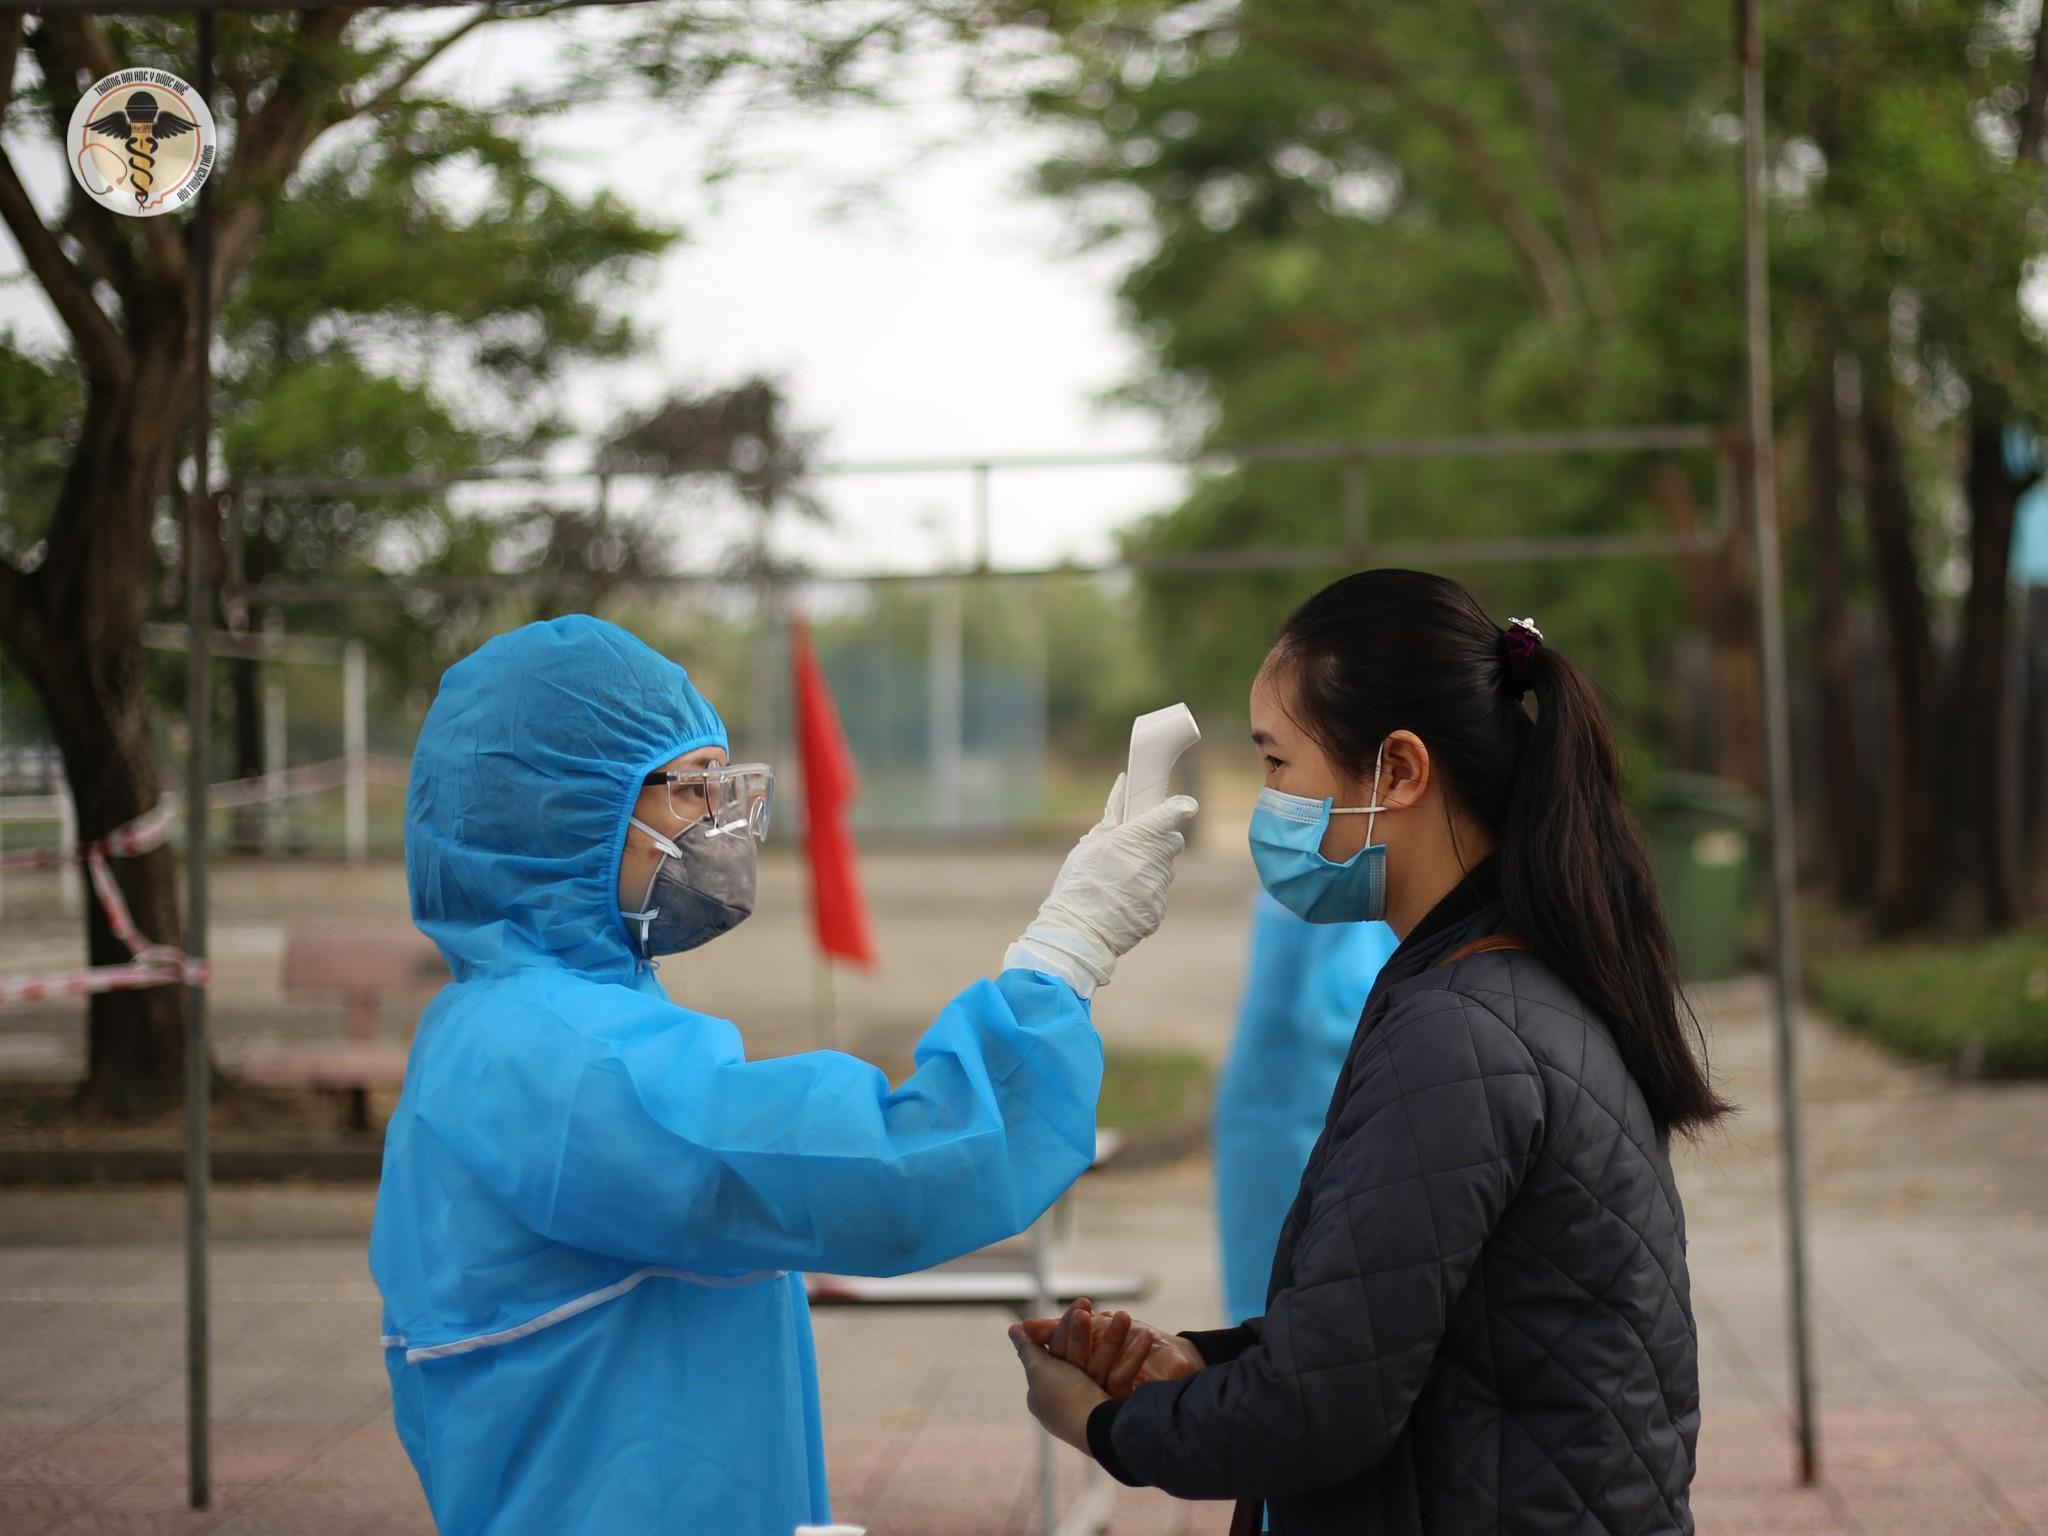 Gần 10.000 sinh viên và học viên ngoại tỉnh đã được xét nghiệm sàng lọc Covid-19 sau kỳ nghỉ Tết Nguyên đán